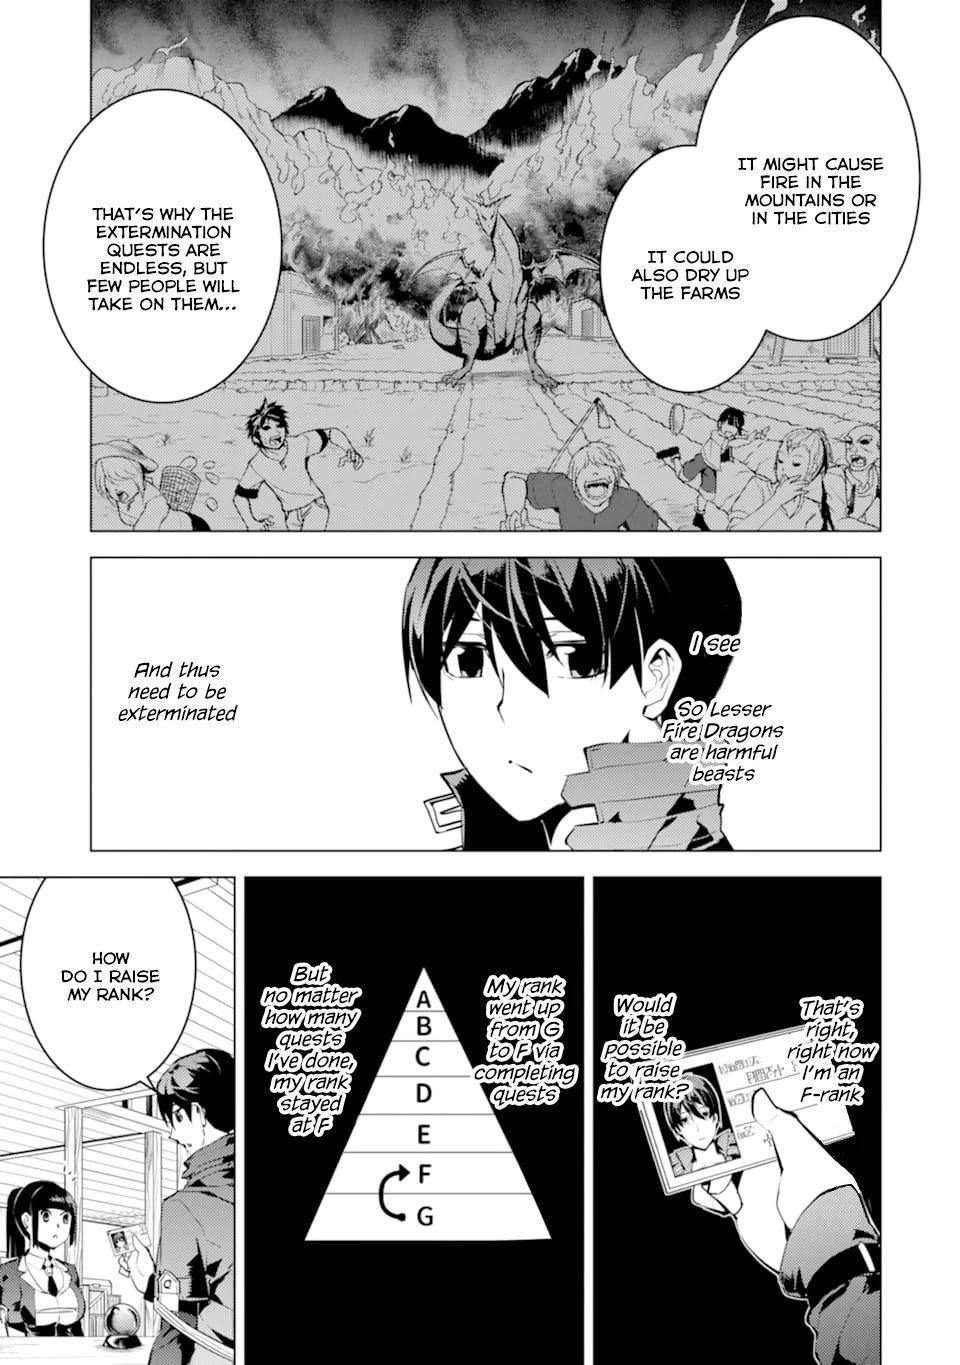 Manga Tensei Kenja no Isekai Raifu ~Daini no Shokugyo wo Ete, Sekai Saikyou ni Narimashita~ - Chapter 17 Page 16